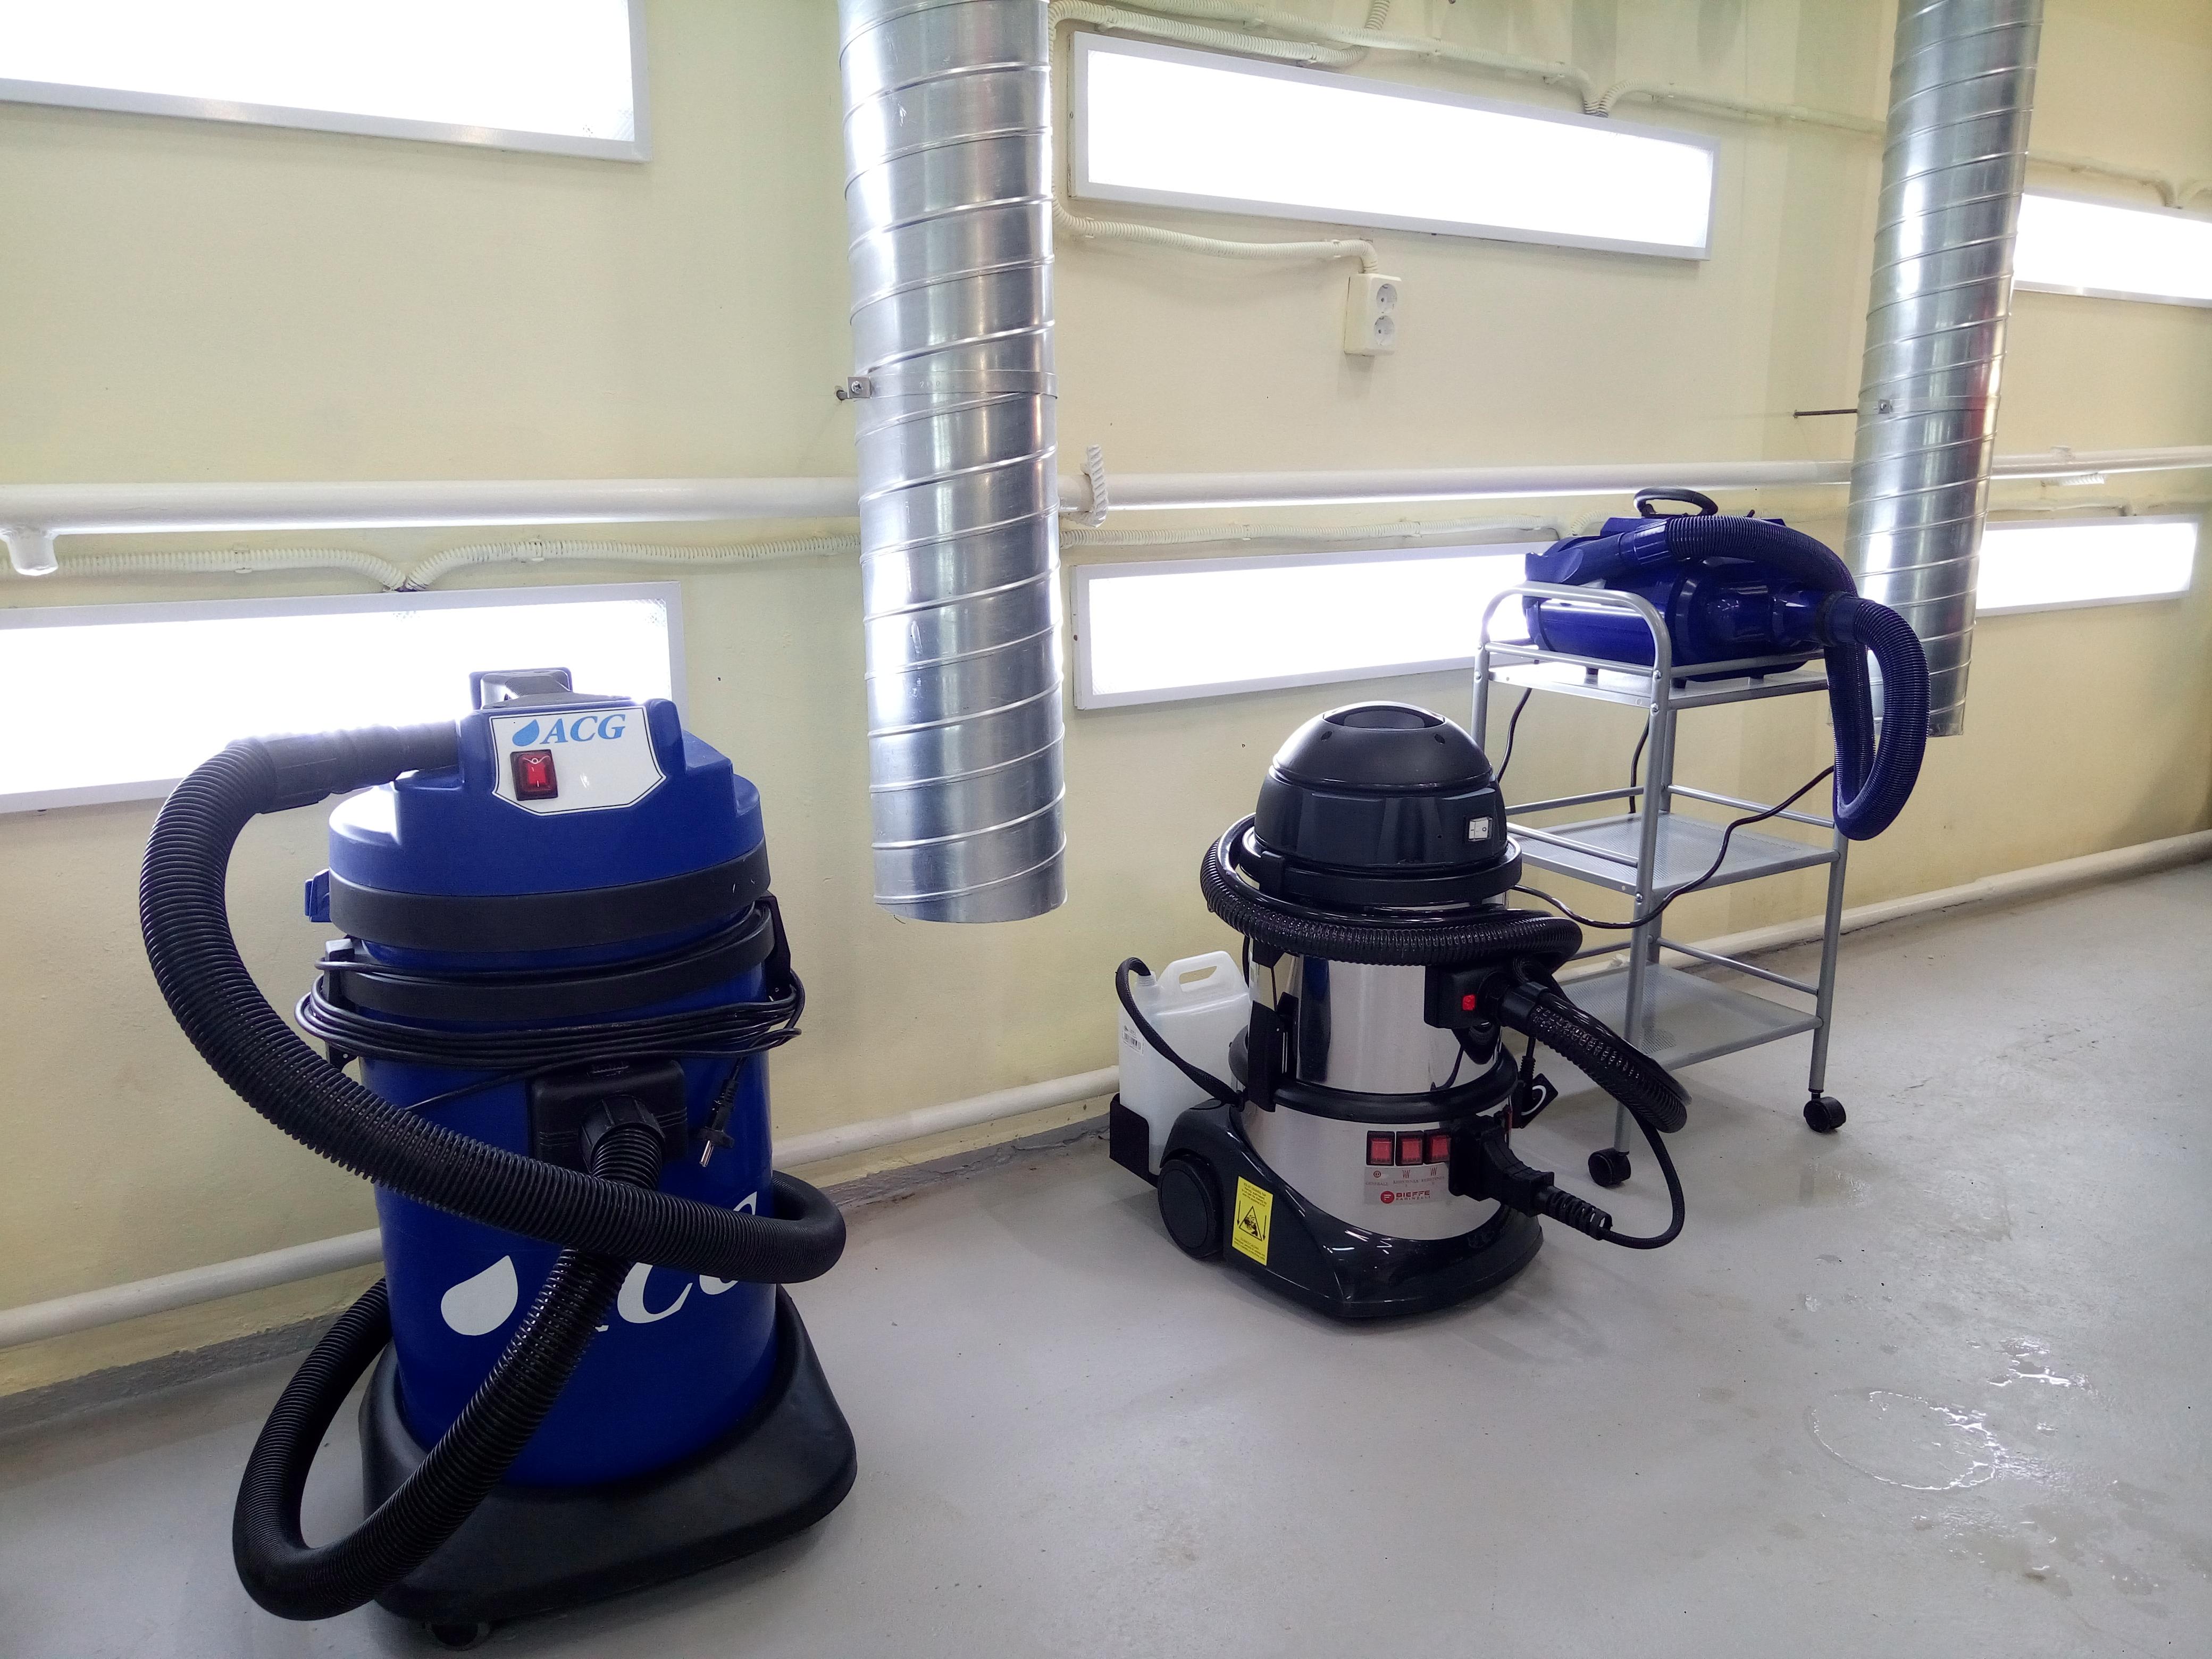 На фото профессиональные моющие пылесосы для детейлинга.